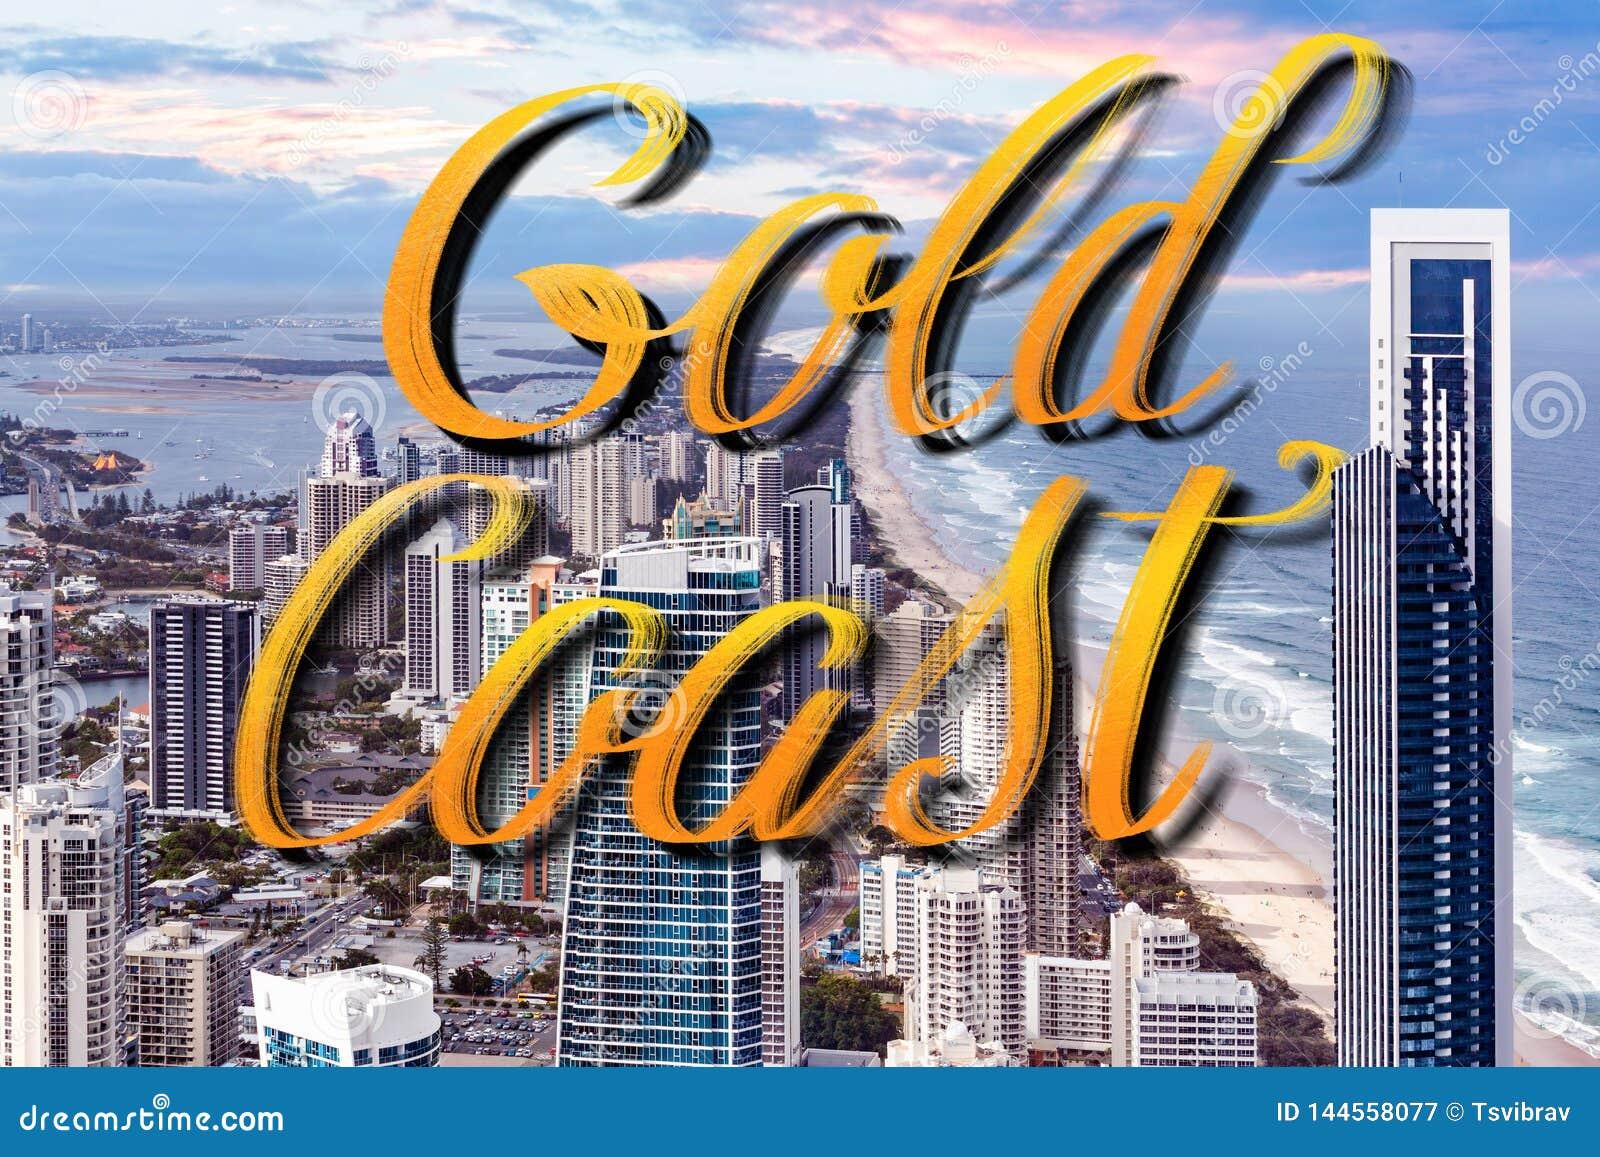 Gold Coast-Handbeschriftung über den Wolkenkratzern recht nahe bei dem Ozeanstrand - Surfer Paradise, Gold Coast, Australien